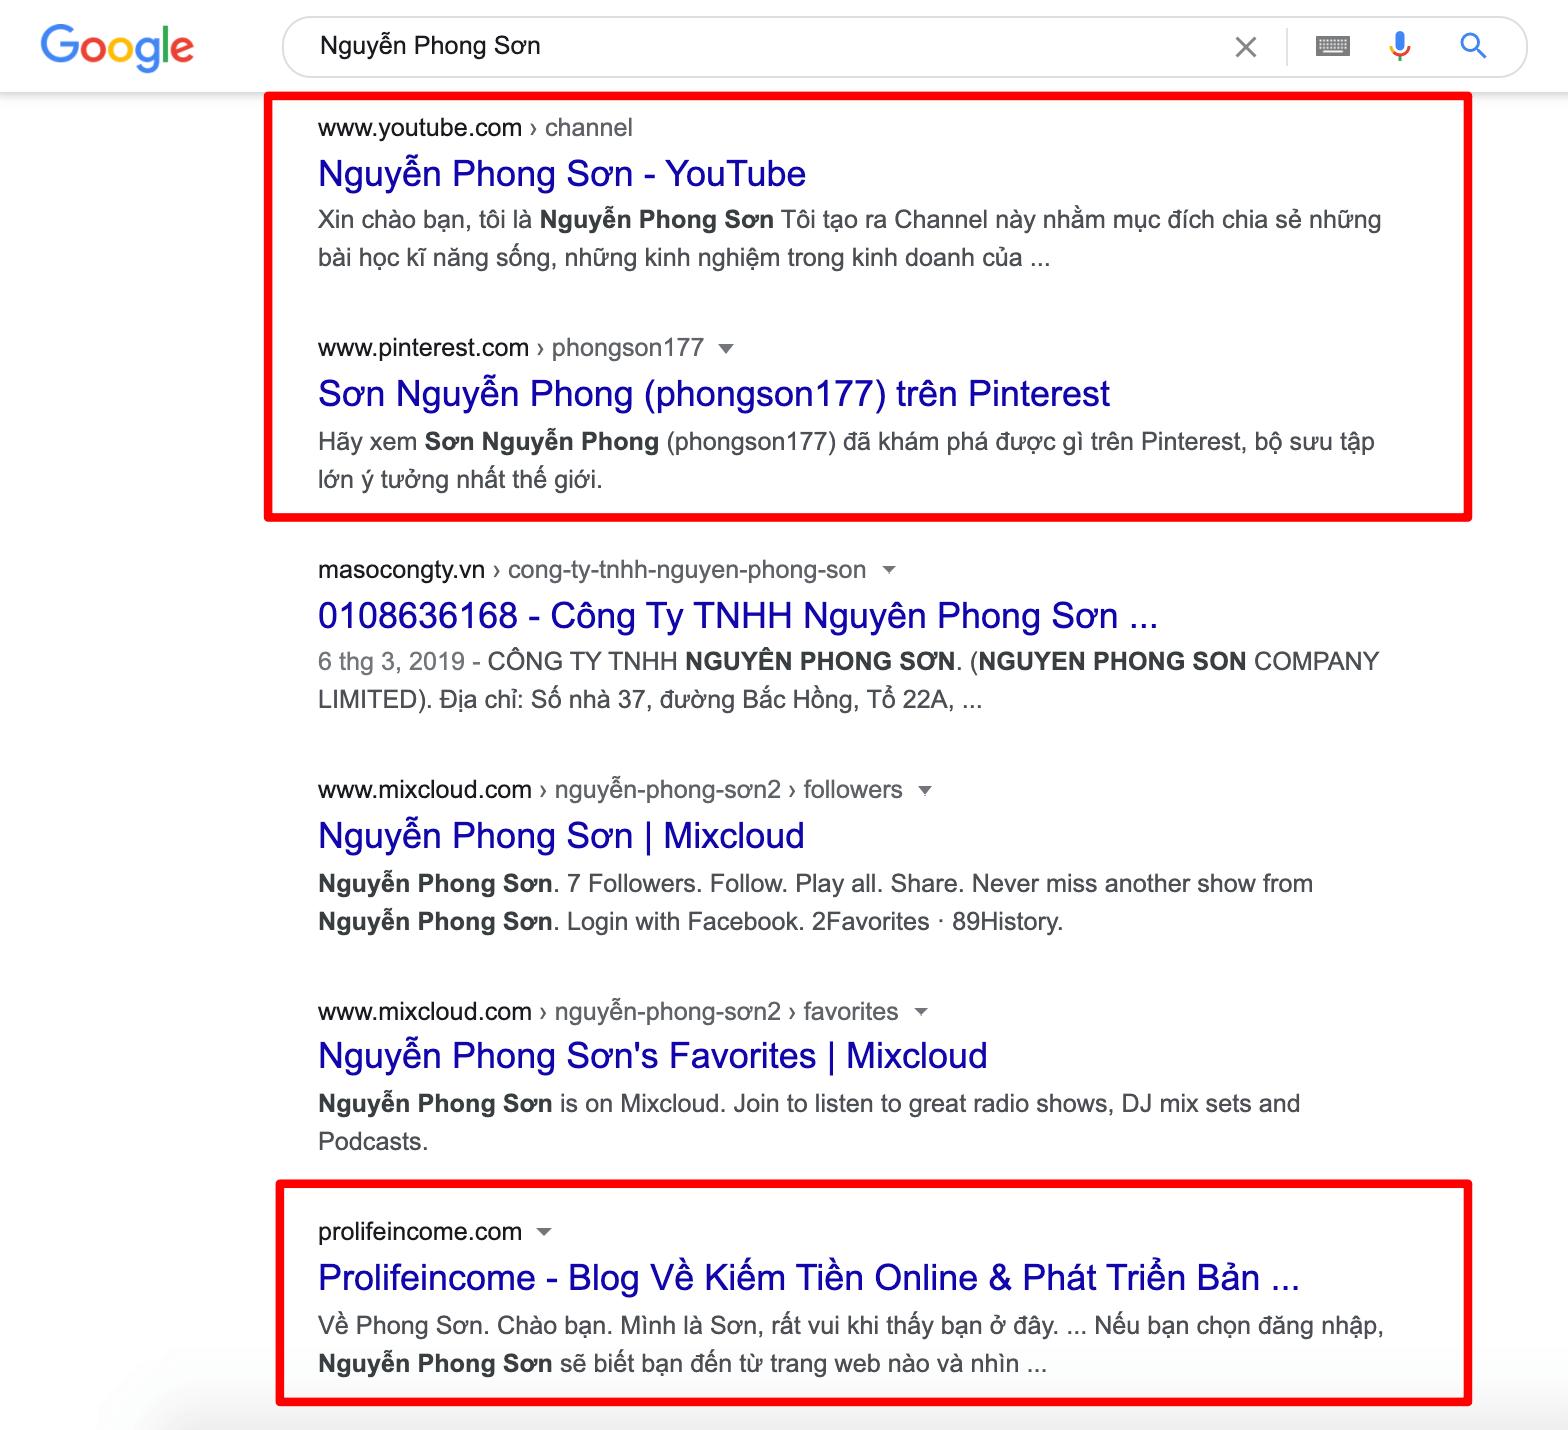 Nguyễn Phong Sơn Trên Google